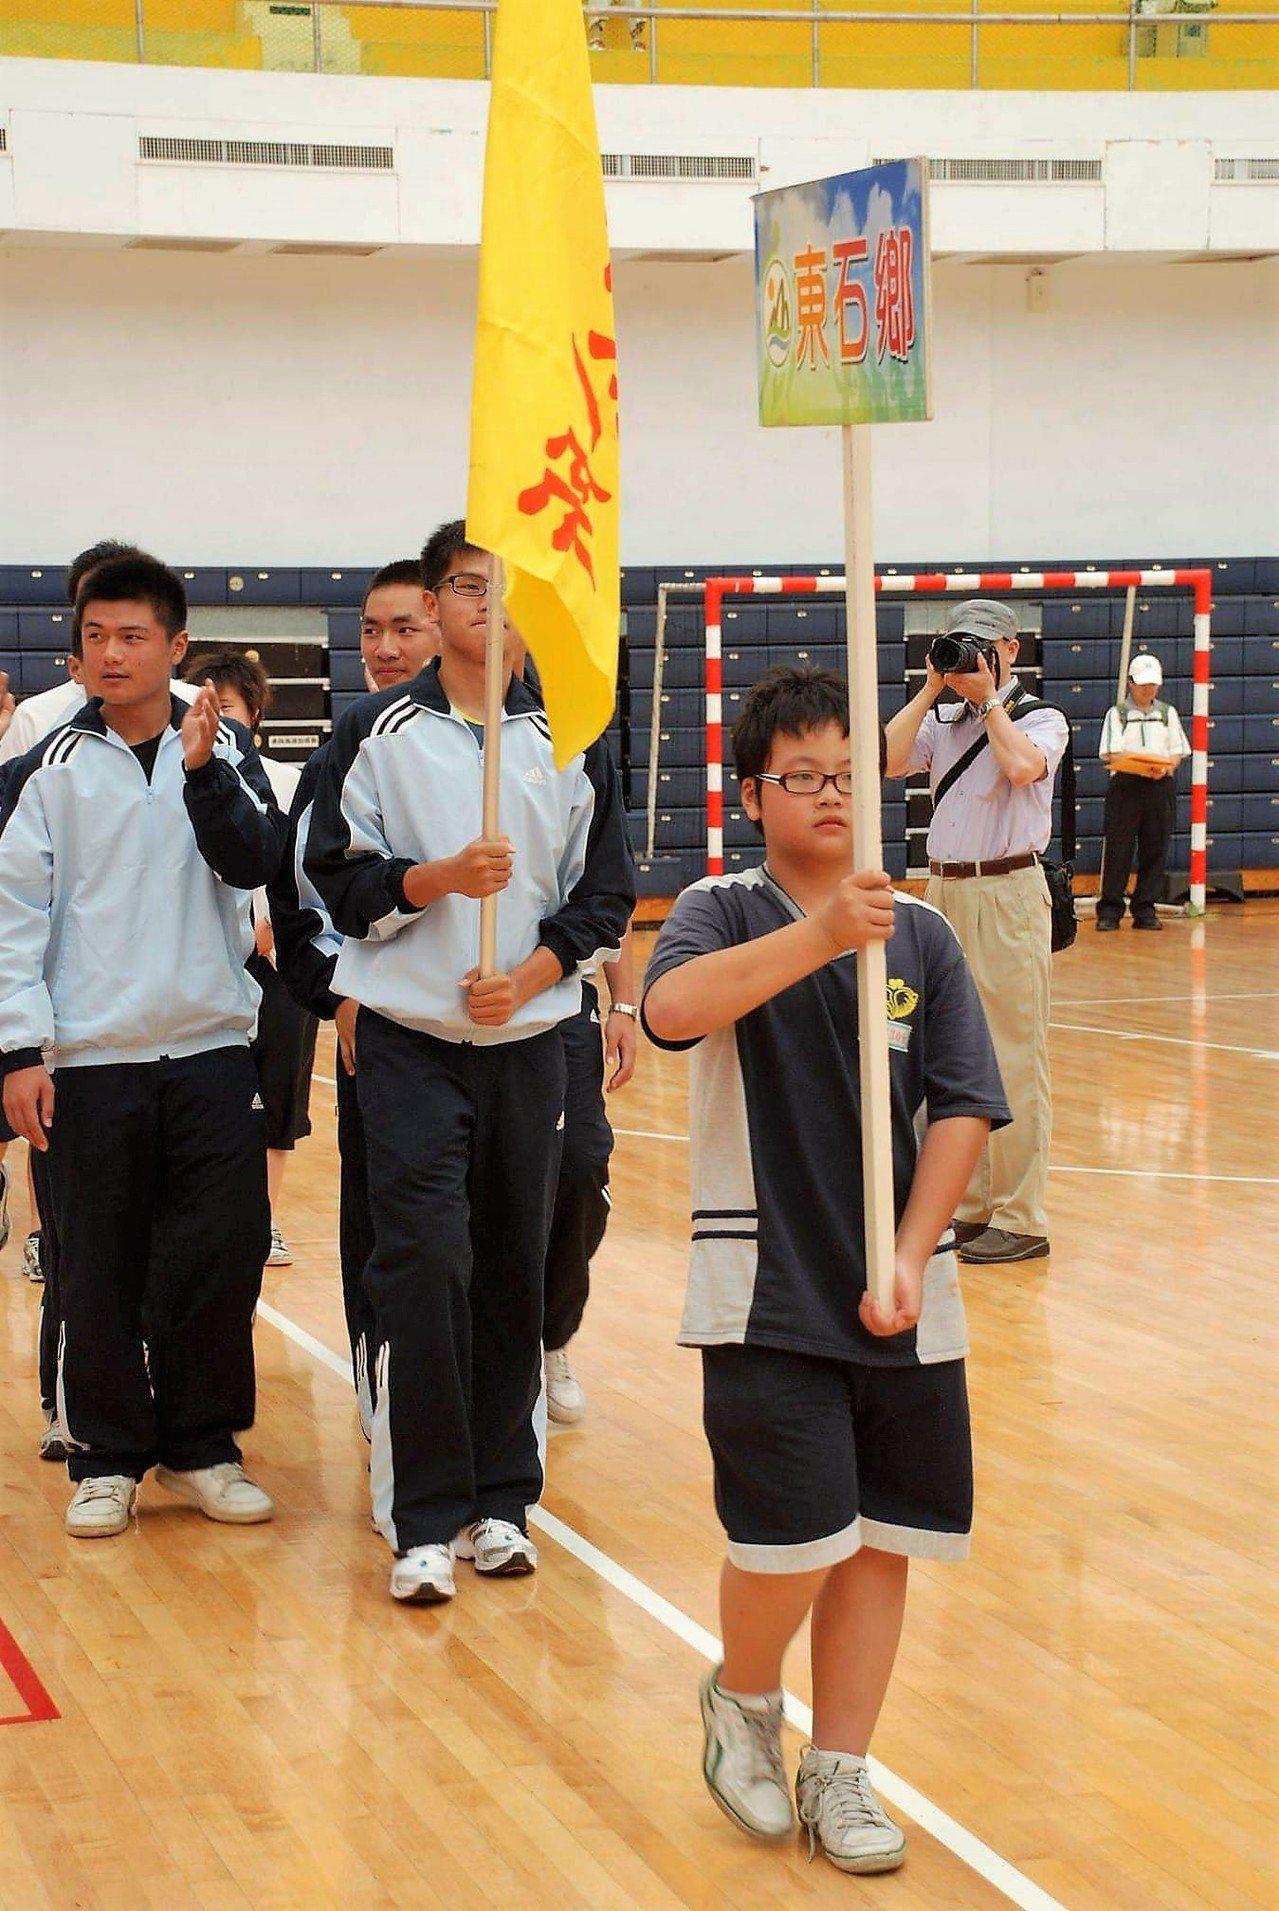 蔡良慶為了紀念的弟弟良闊(前舉牌者),以弟弟名字舉辦運動賽事。圖/蔡良慶提供